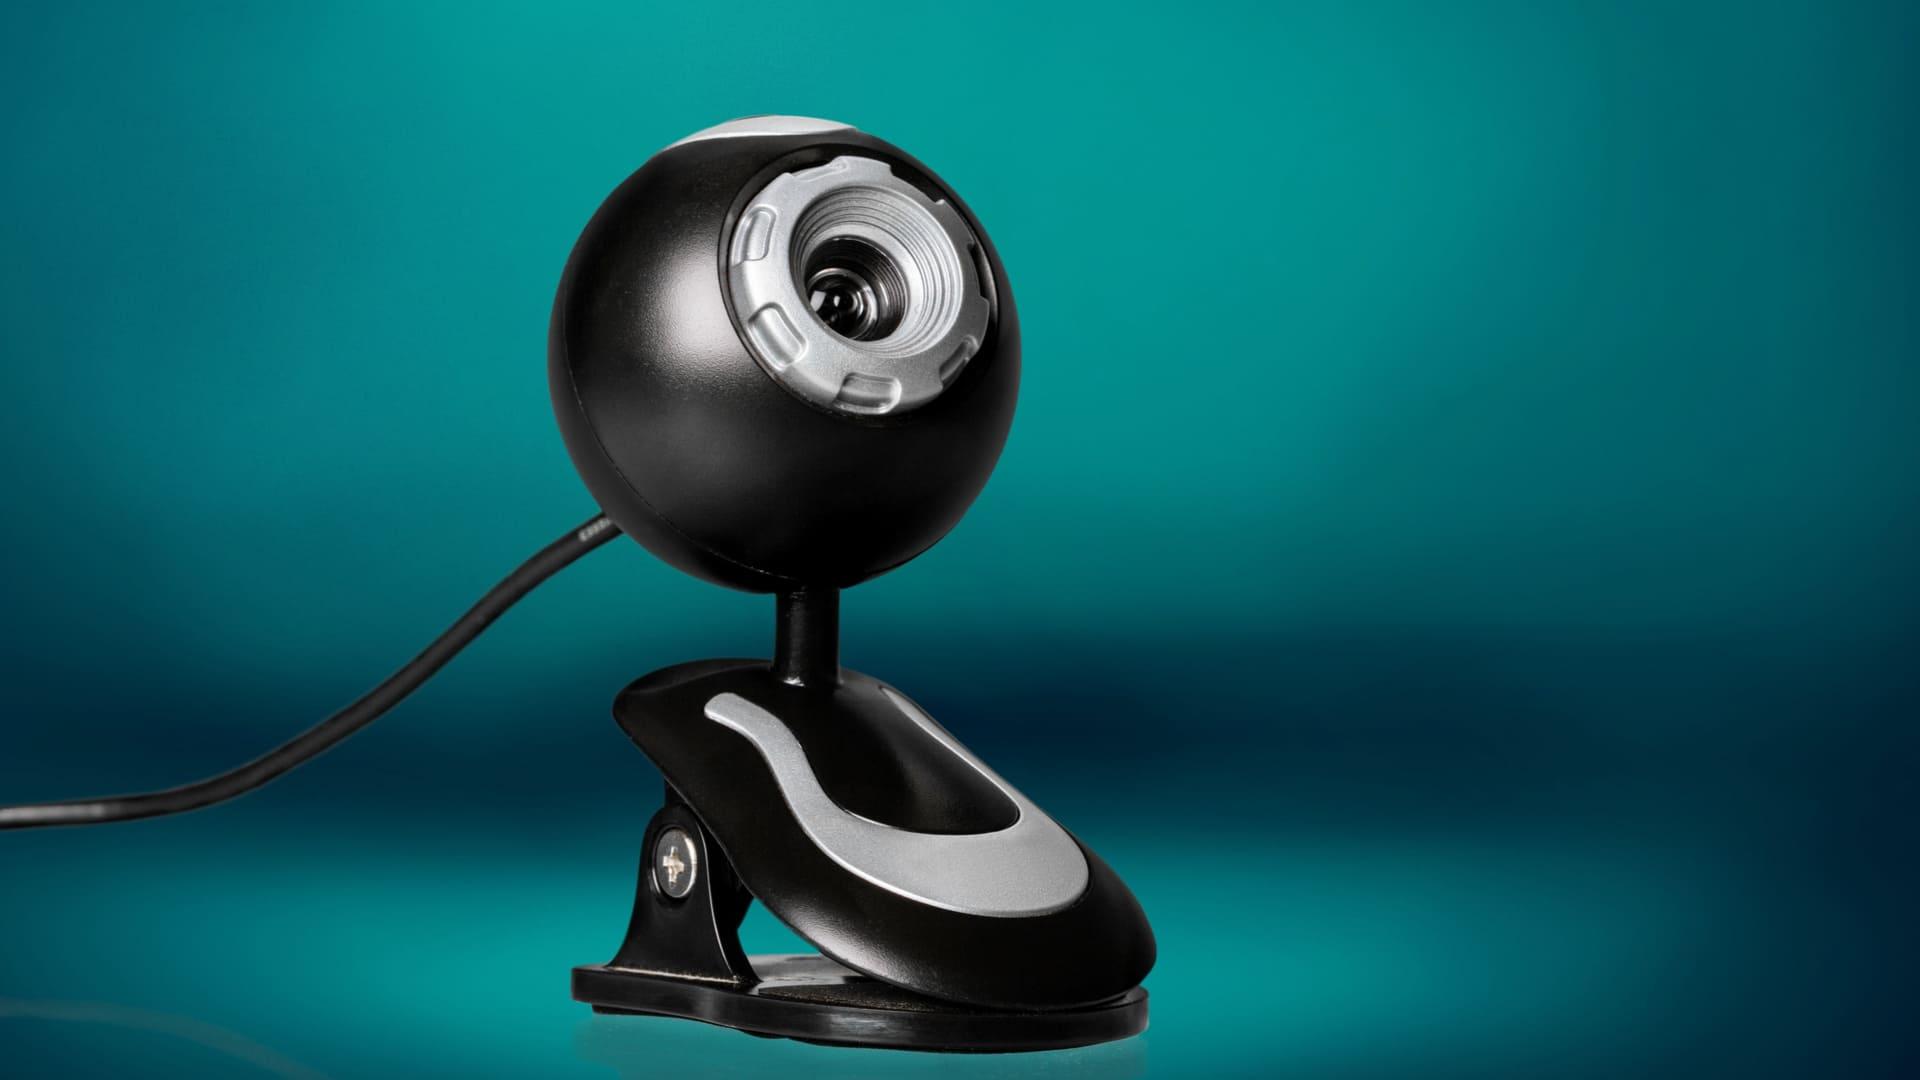 Confira as melhores webcams de 2021 (Foto:Shutterstock)